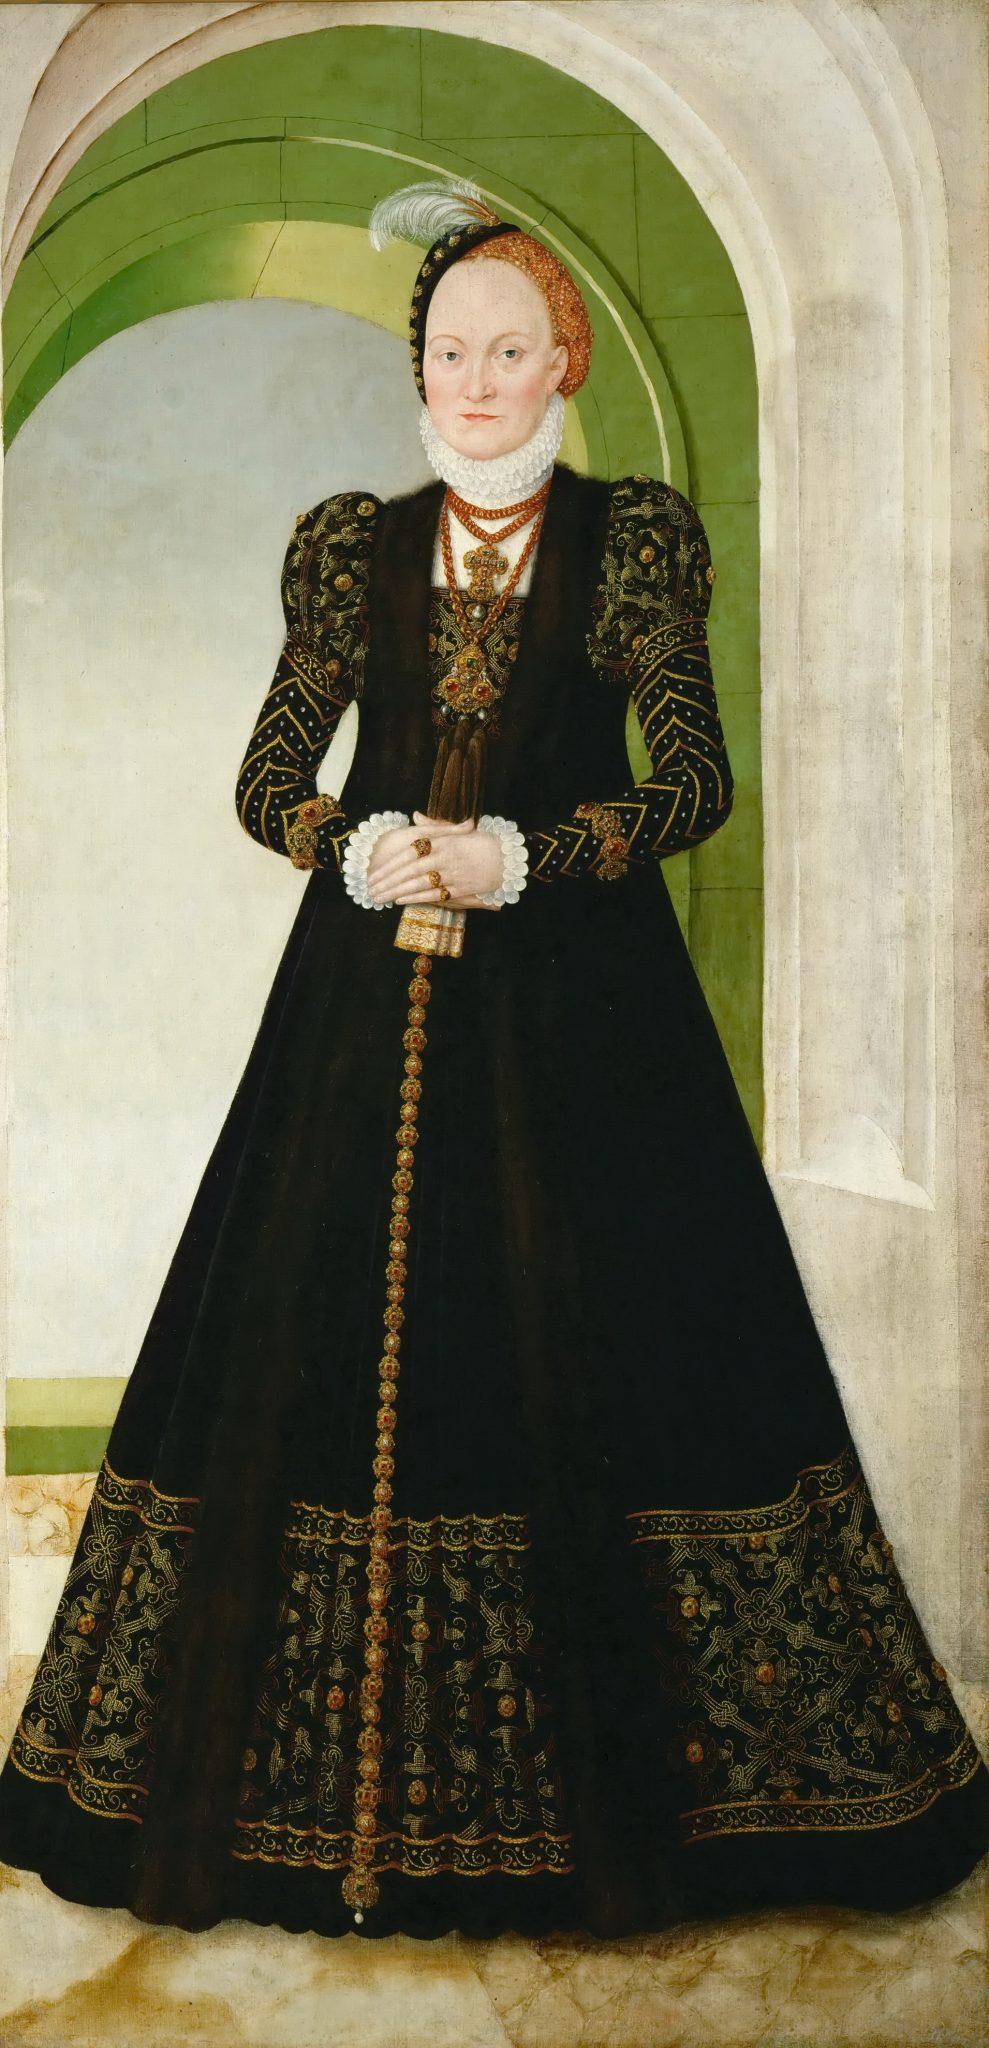 File:Lucas Cranach d. J., , Schloss Ambras Innsbruck